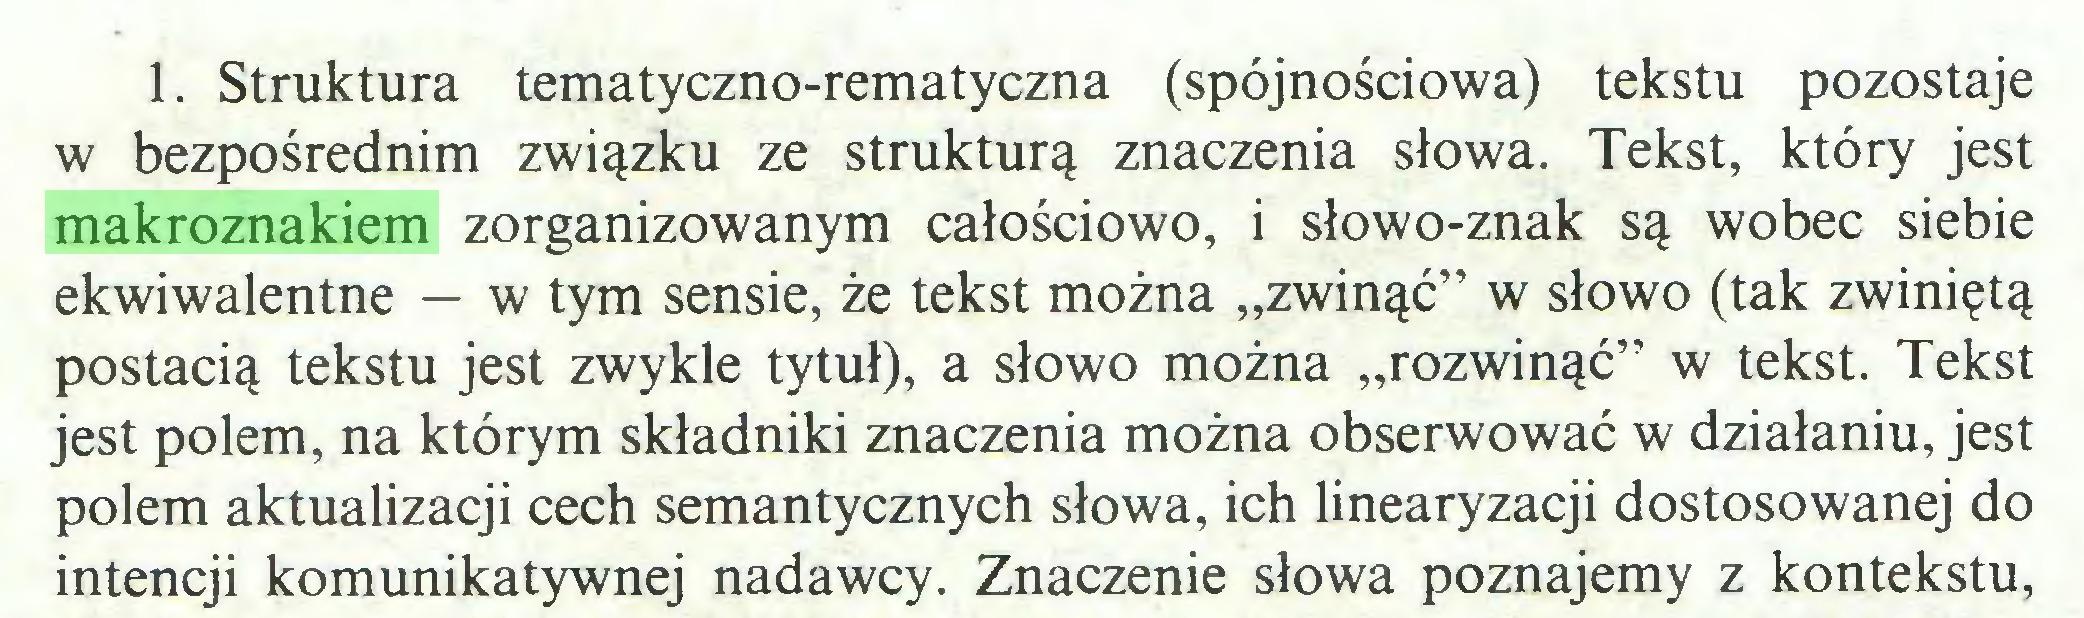 """(...) 1. Struktura tematyczno-rematyczna (spójnościowa) tekstu pozostaje w bezpośrednim związku ze strukturą znaczenia słowa. Tekst, który jest makroznakiem zorganizowanym całościowo, i słowo-znak są wobec siebie ekwiwalentne — w tym sensie, że tekst można """"zwinąć"""" w słowo (tak zwiniętą postacią tekstu jest zwykle tytuł), a słowo można """"rozwinąć"""" w tekst. Tekst jest polem, na którym składniki znaczenia można obserwować w działaniu, jest polem aktualizacji cech semantycznych słowa, ich linearyzacji dostosowanej do intencji komunikatywnej nadawcy. Znaczenie słowa poznajemy z kontekstu,..."""